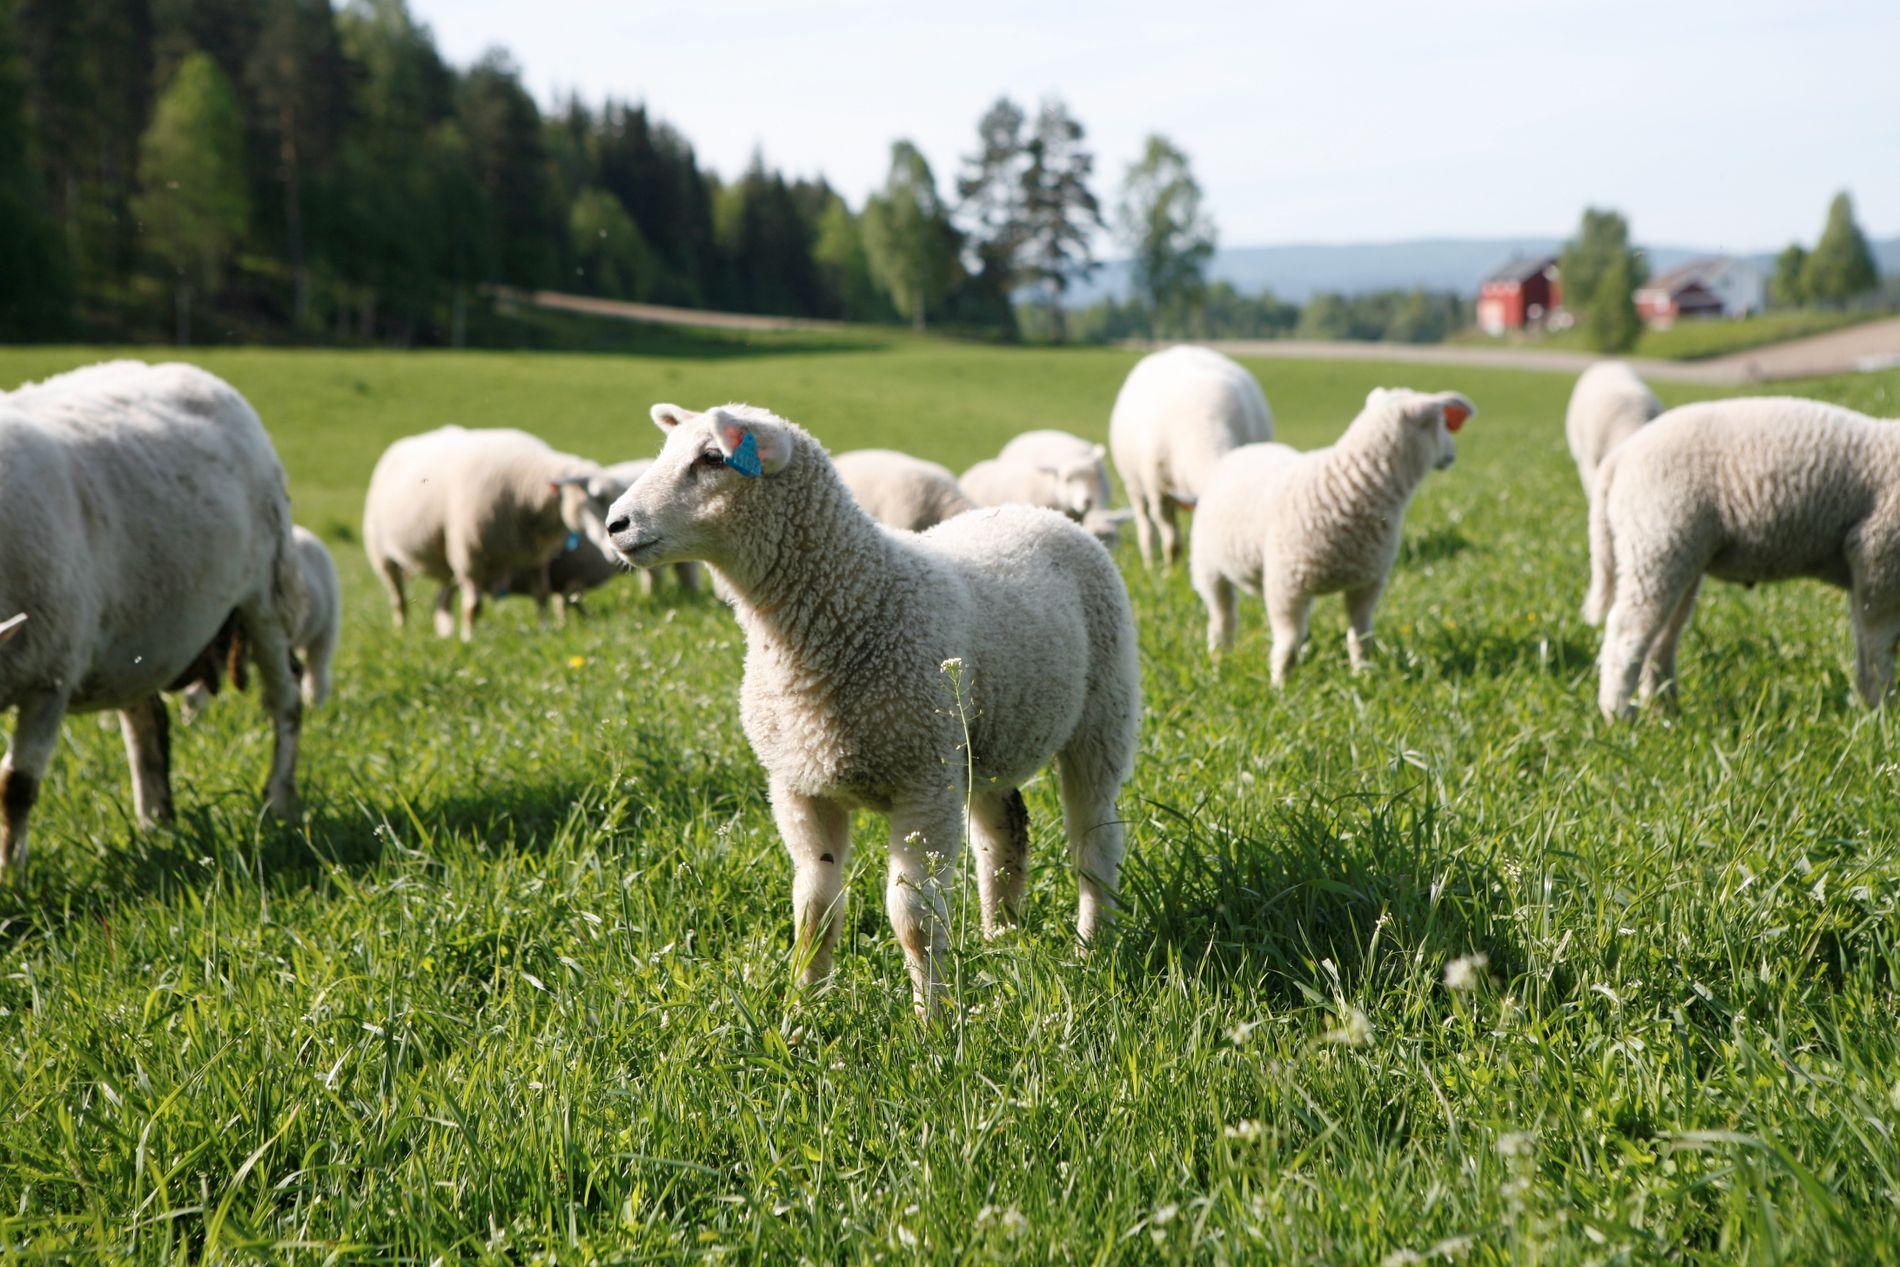 ELSKET OG UØNSKET: VG skrev denne uken om at ulvetilhengere oppfordrer til boikott av norsk sau- og lammekjøtt i butikkene, og at aksjonen bør legges død. Det har vekket reaksjoner.